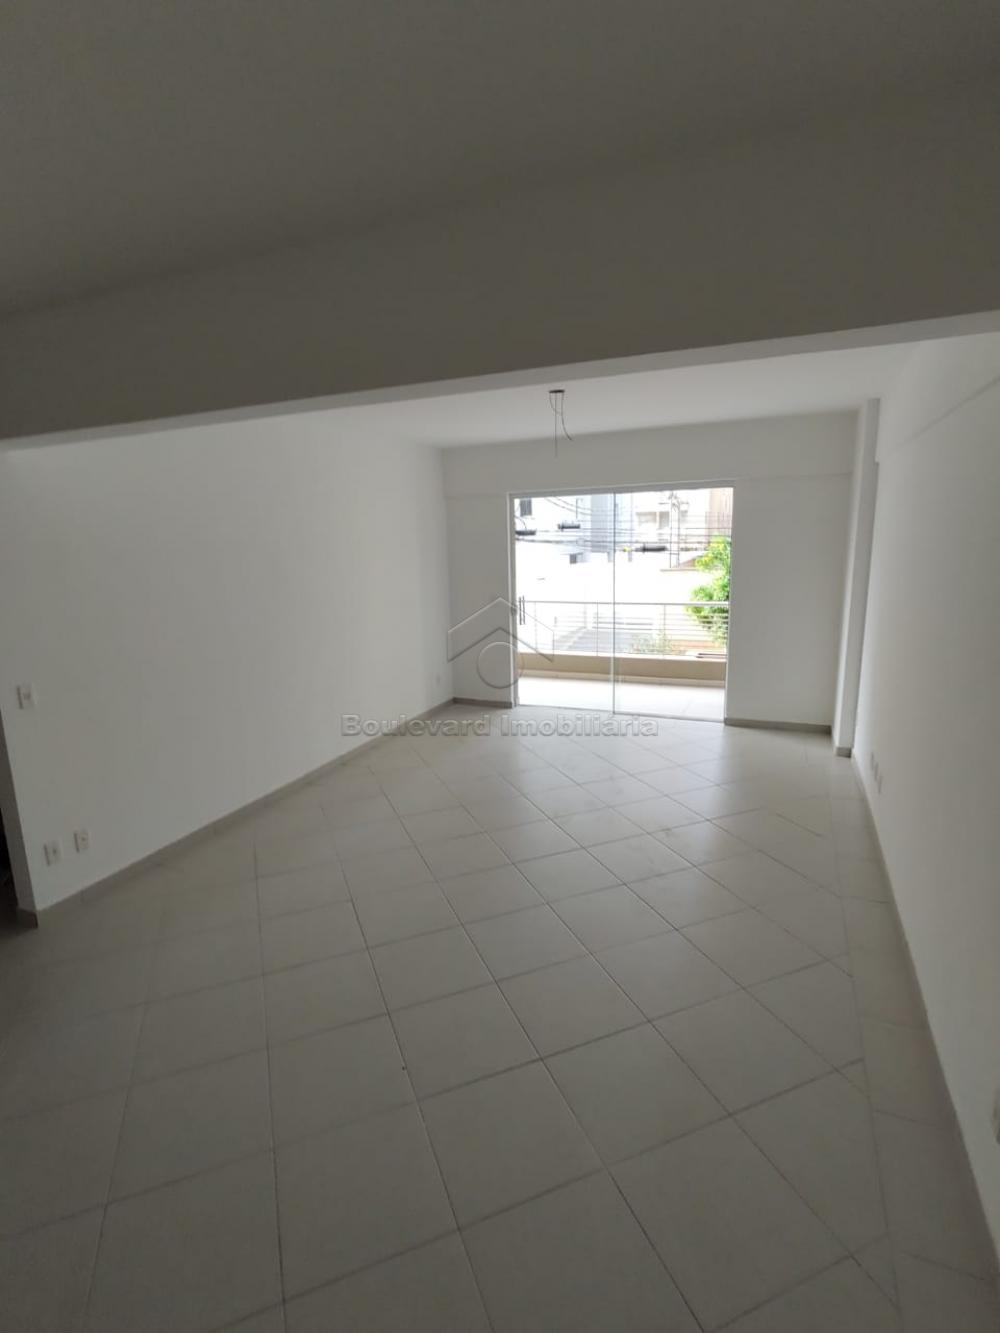 Comprar Apartamento / Padrão em Ribeirão Preto R$ 500.000,00 - Foto 1